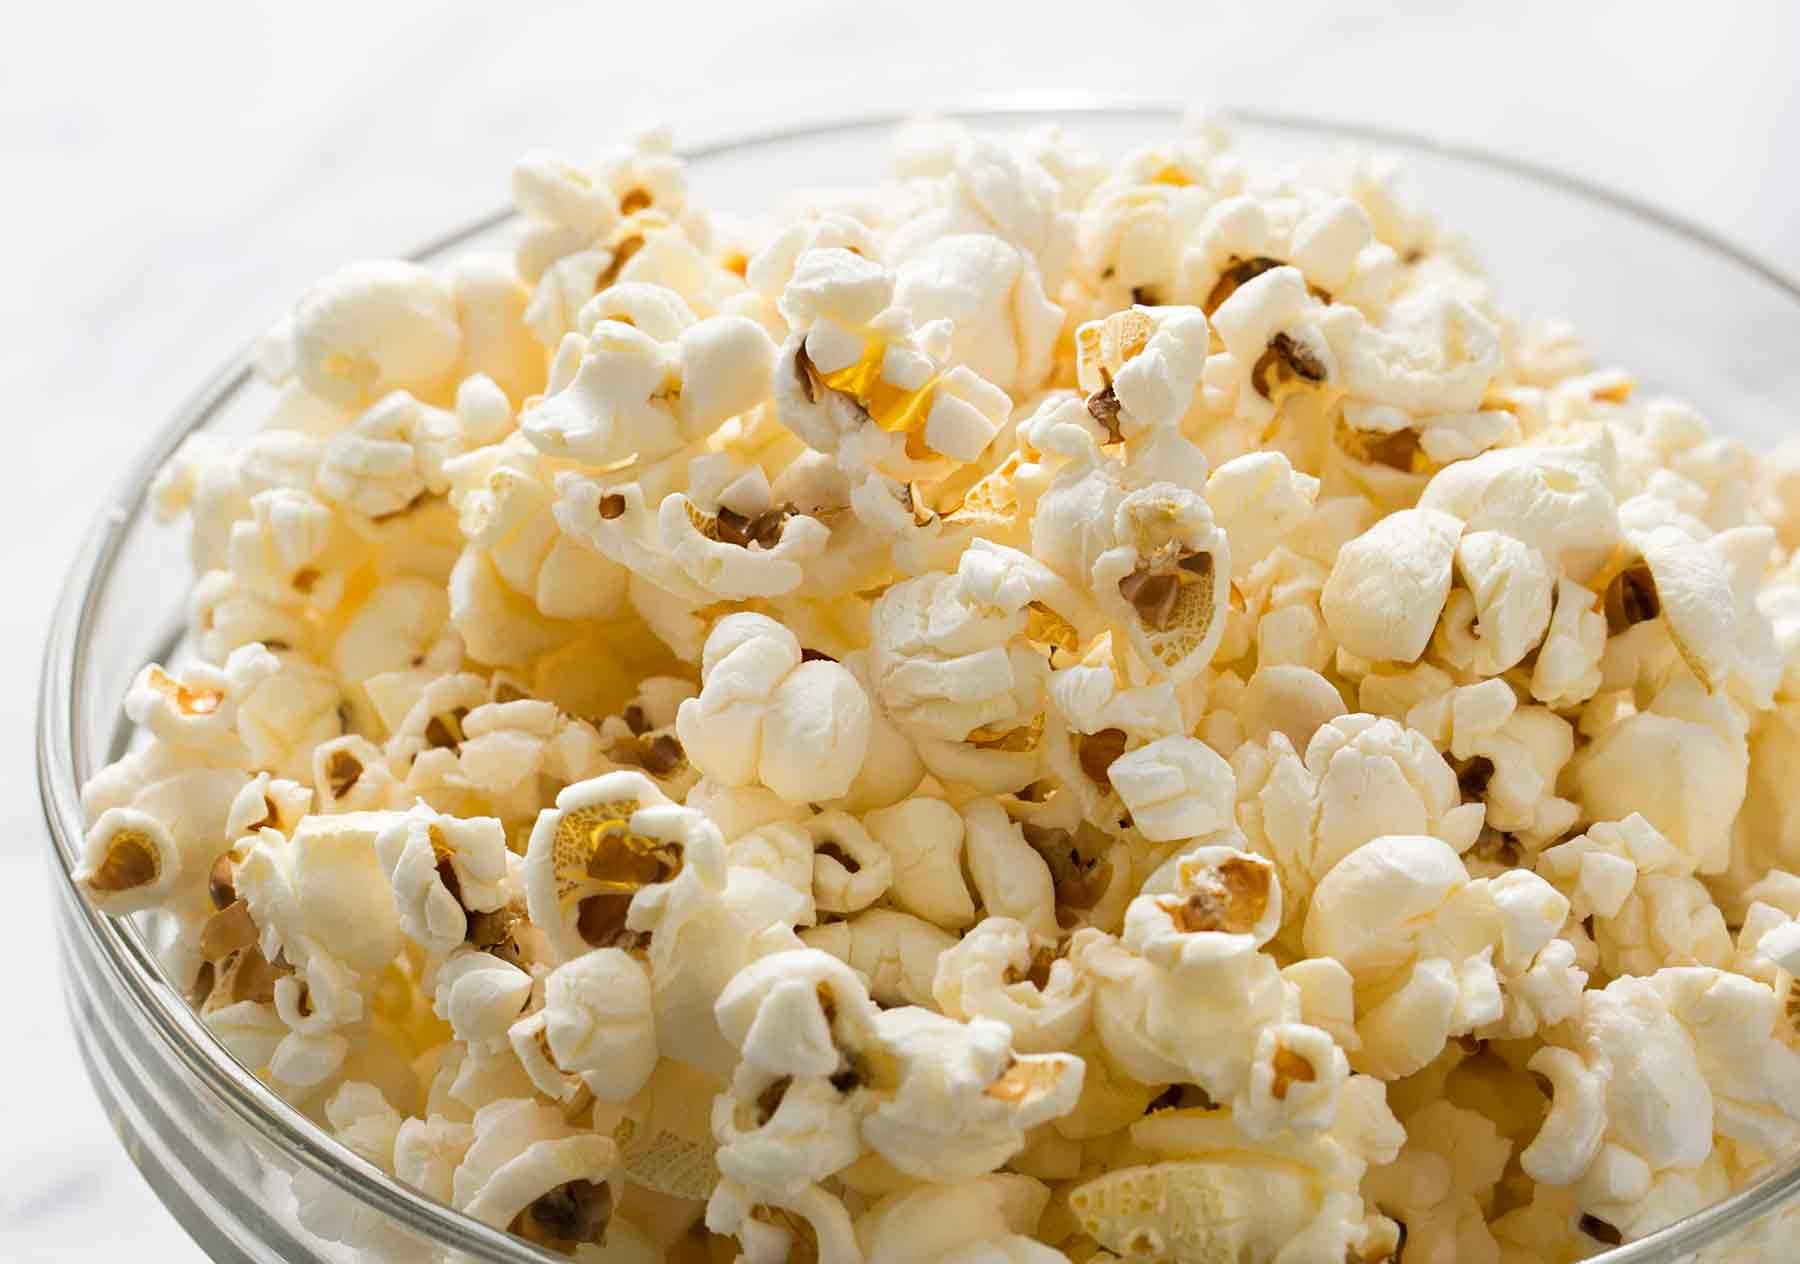 Pop corn: come mangiarli per non ingrassare